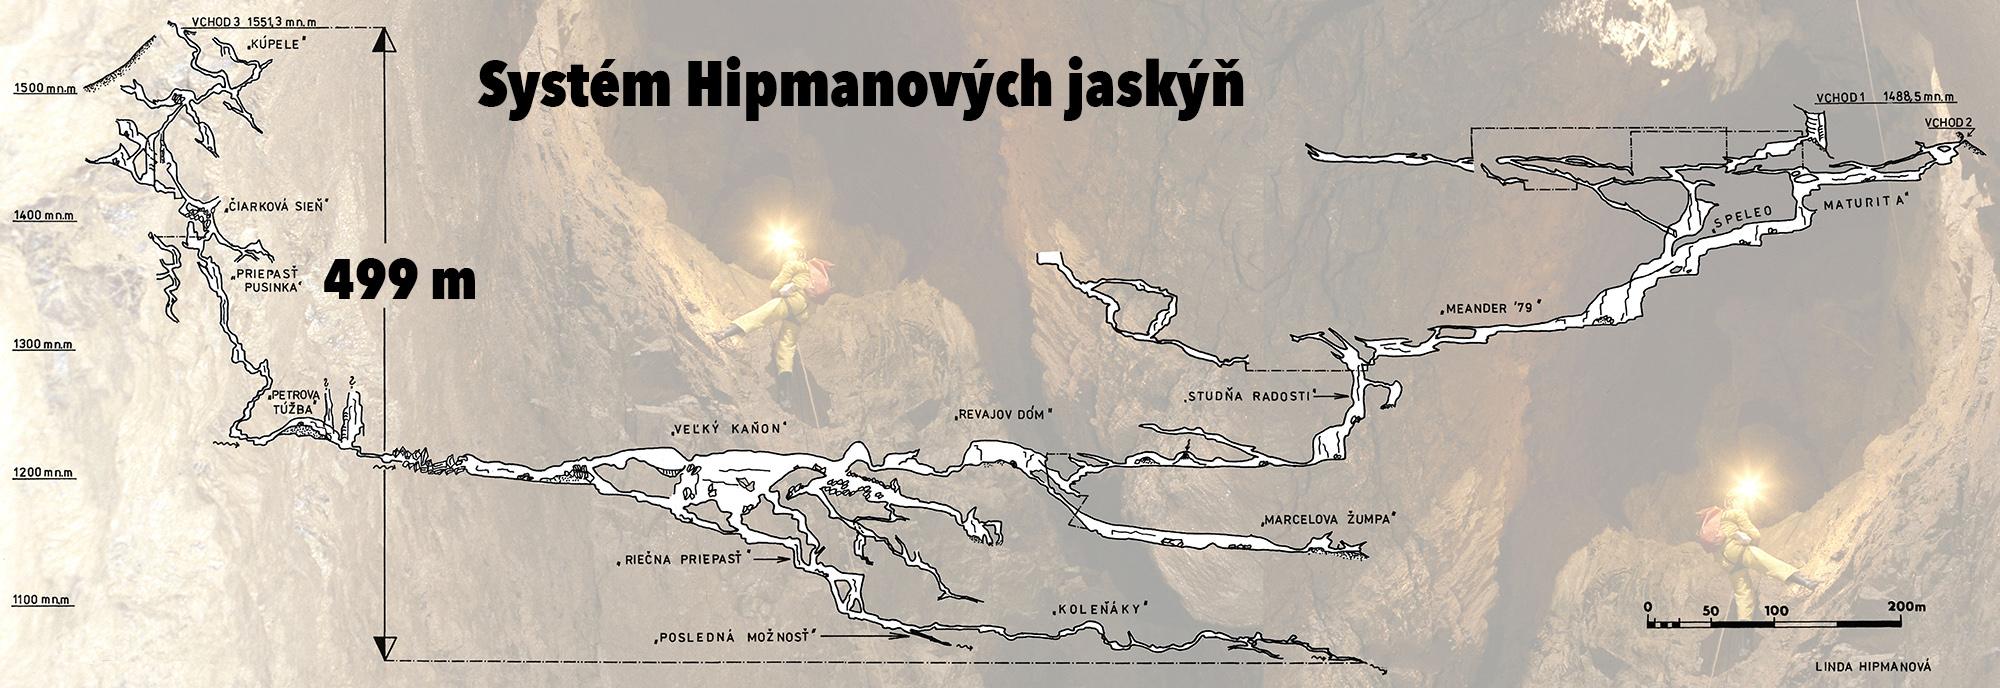 Systém Hipmanových jaskýň (L. Hipmanová)